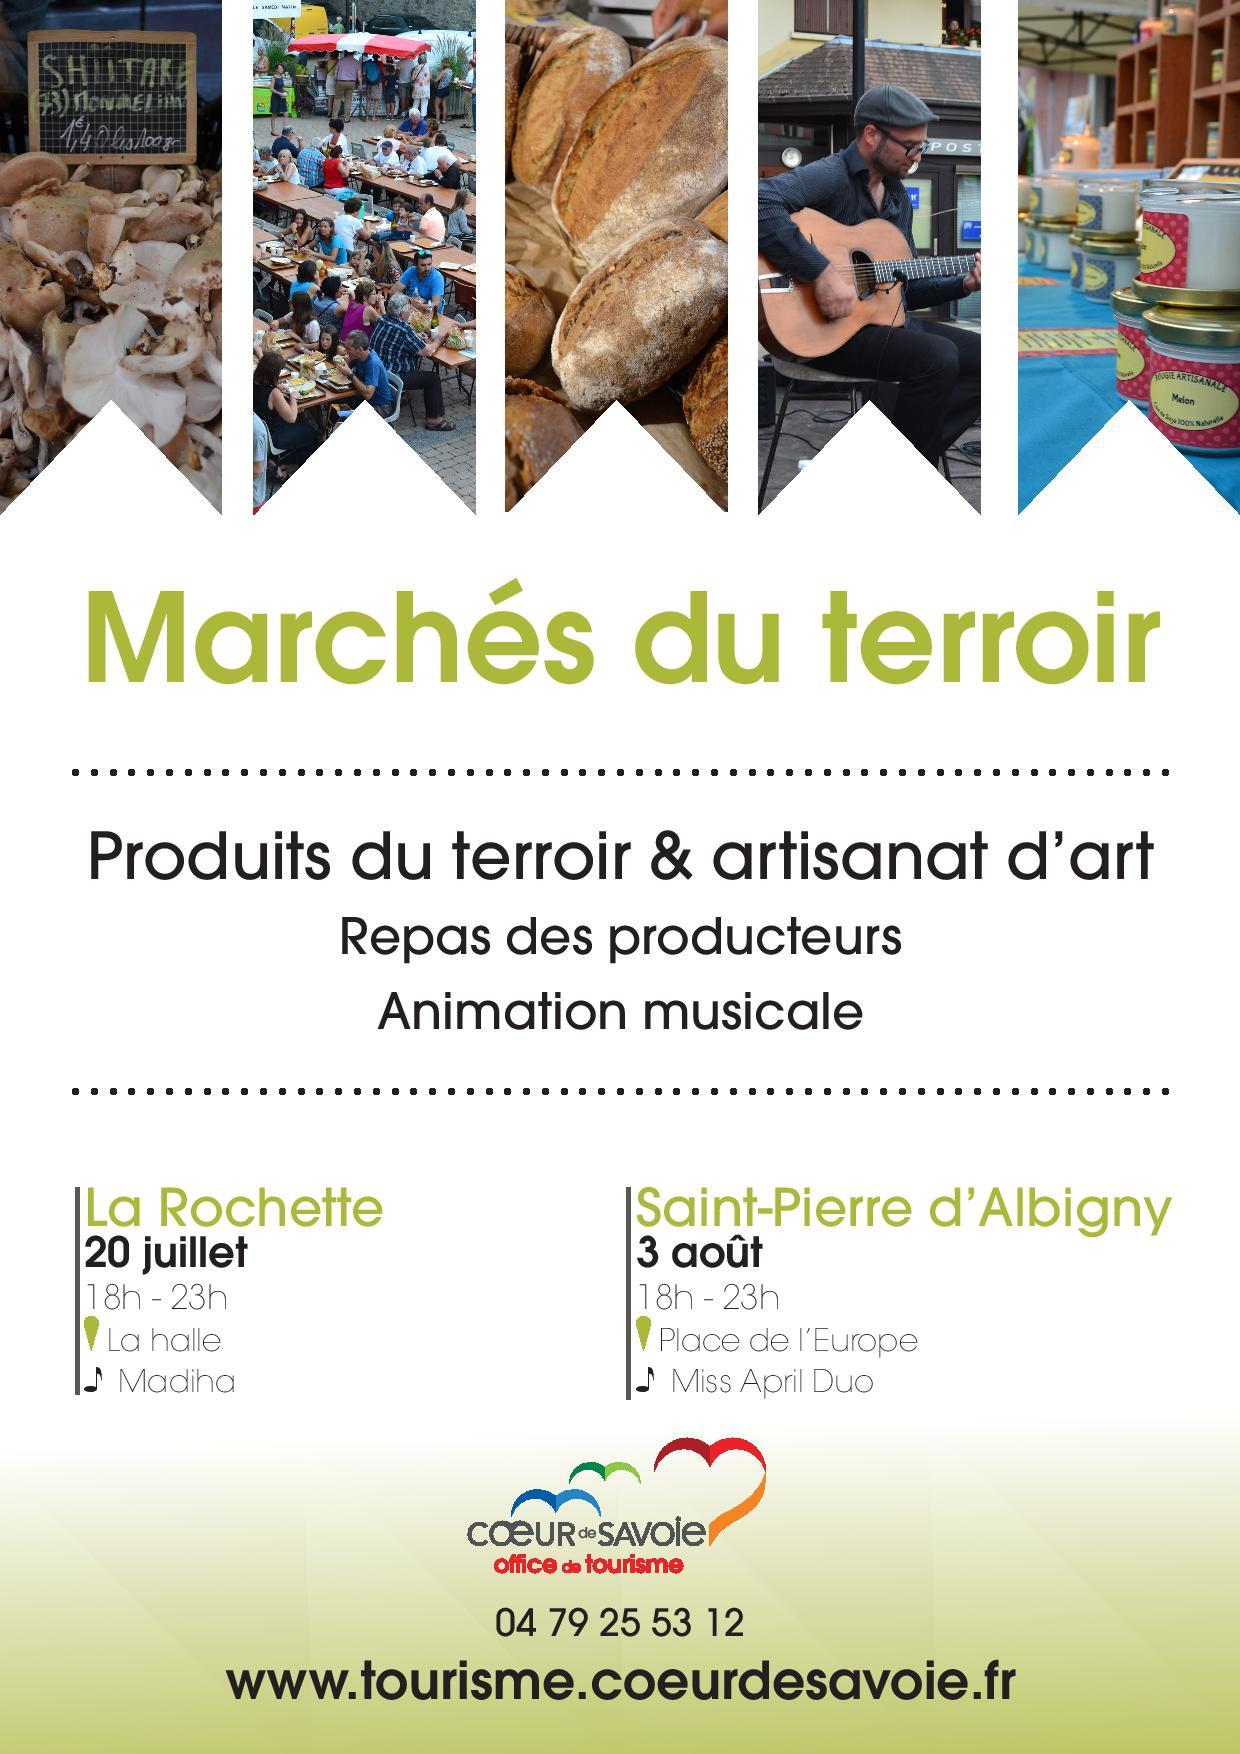 affiche marchés du terroir 2018-page-001